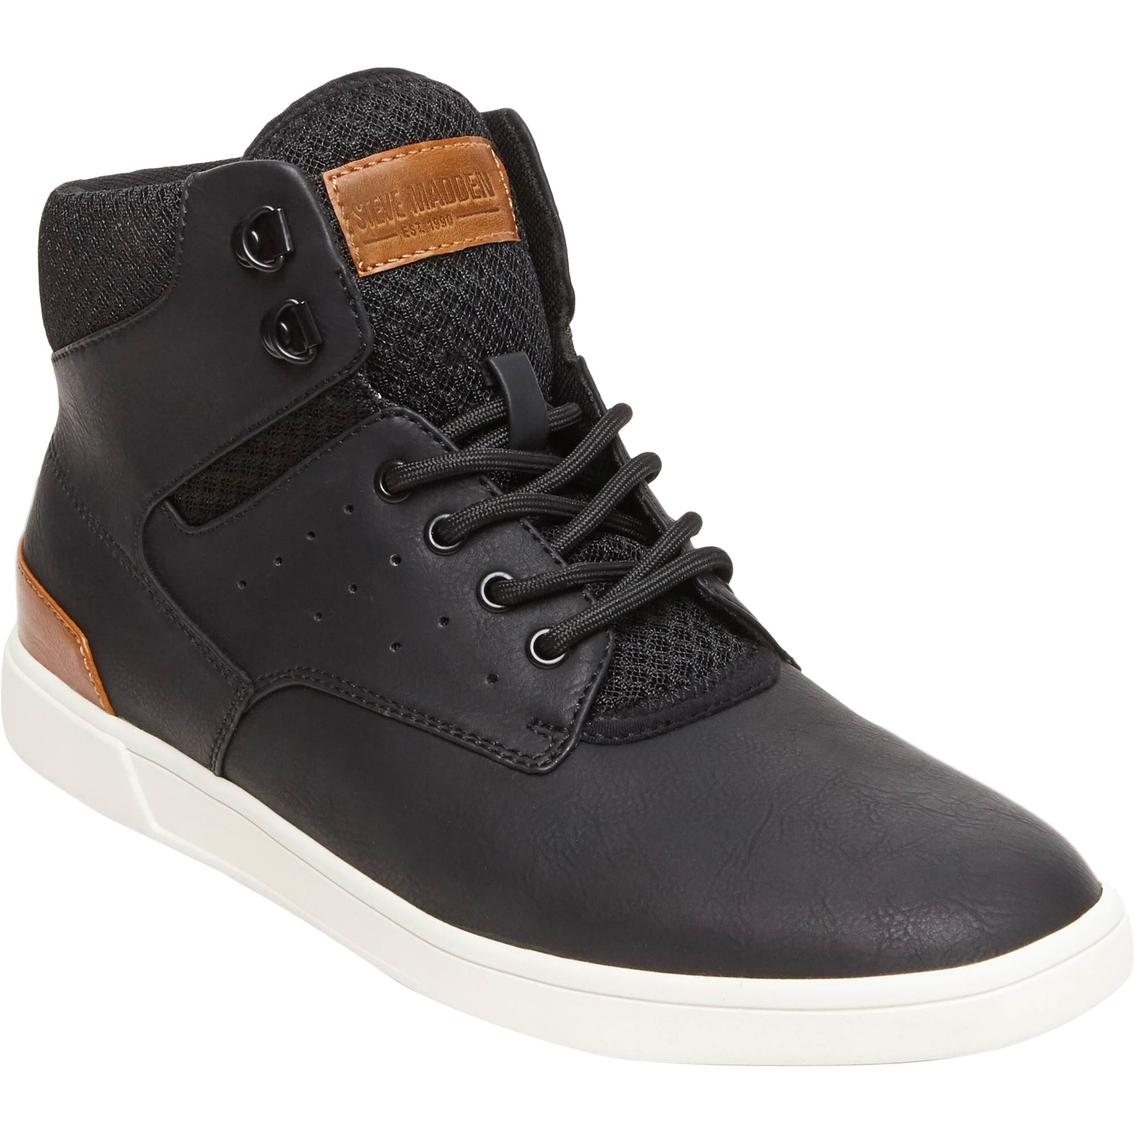 Steve Madden Men's Fridged Black Shoes